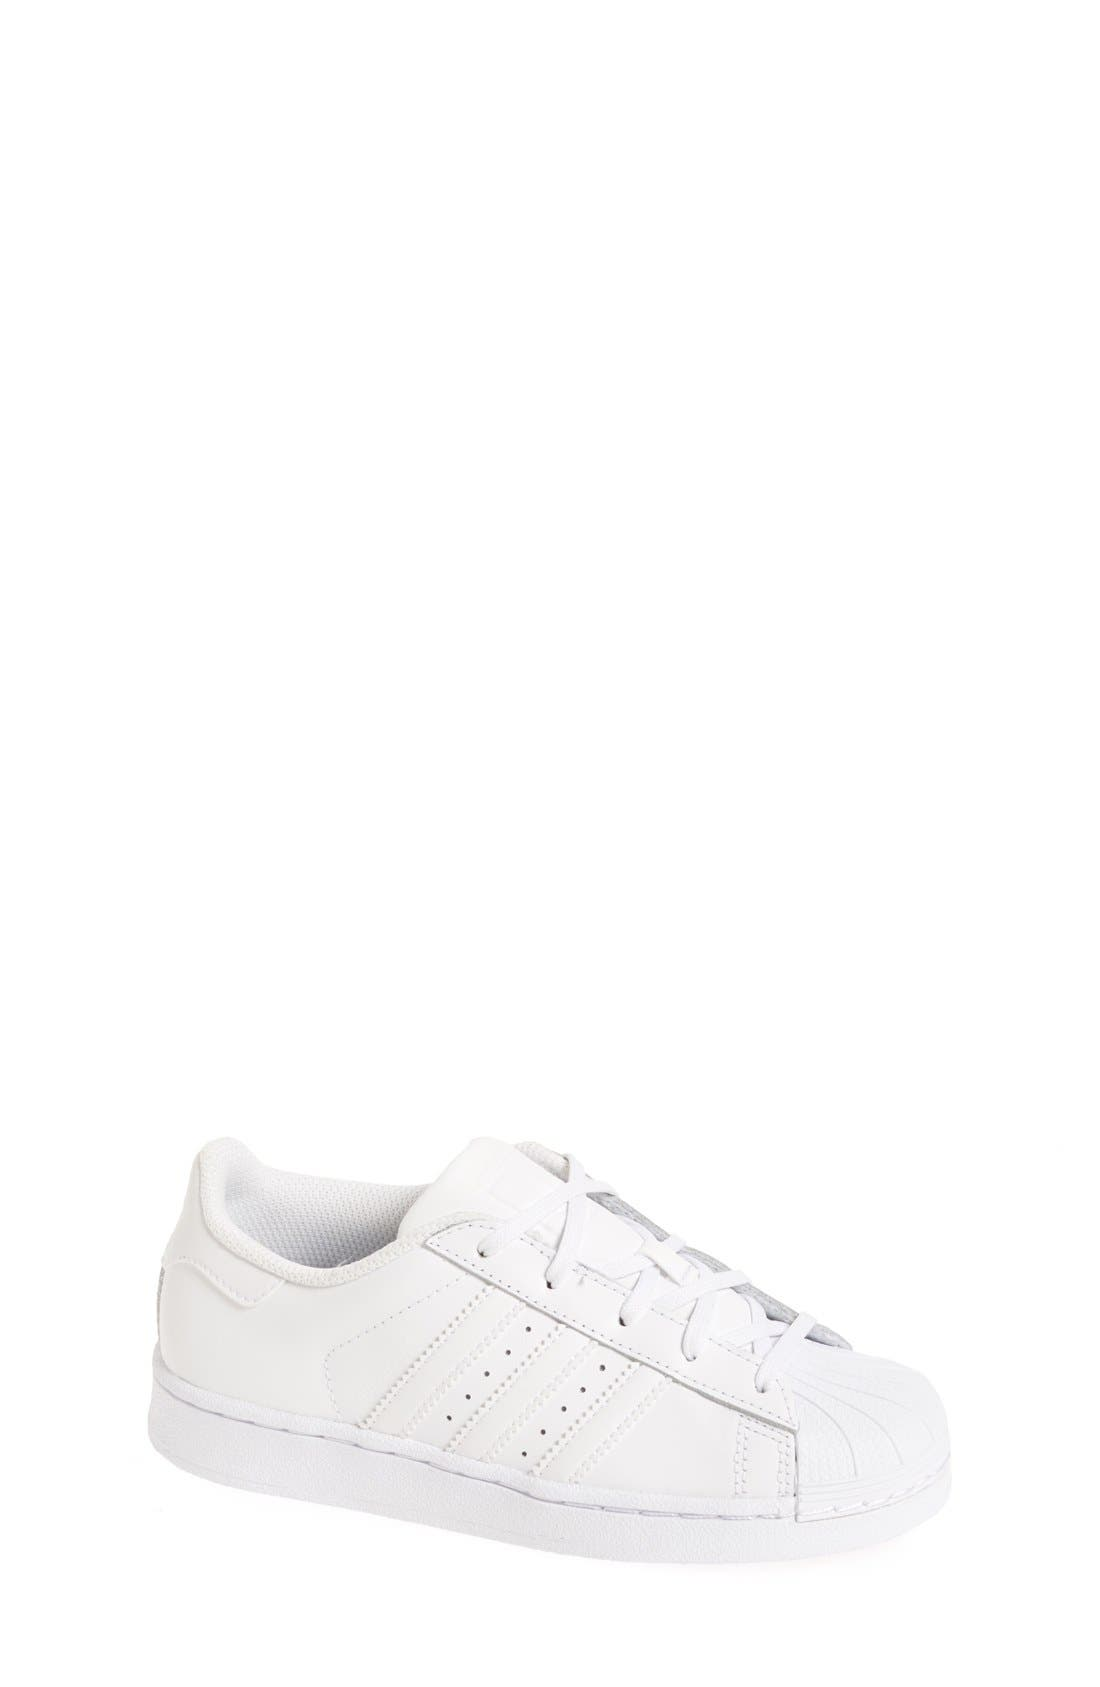 'Superstar Foundation' Sneaker,                             Main thumbnail 1, color,                             White/ White